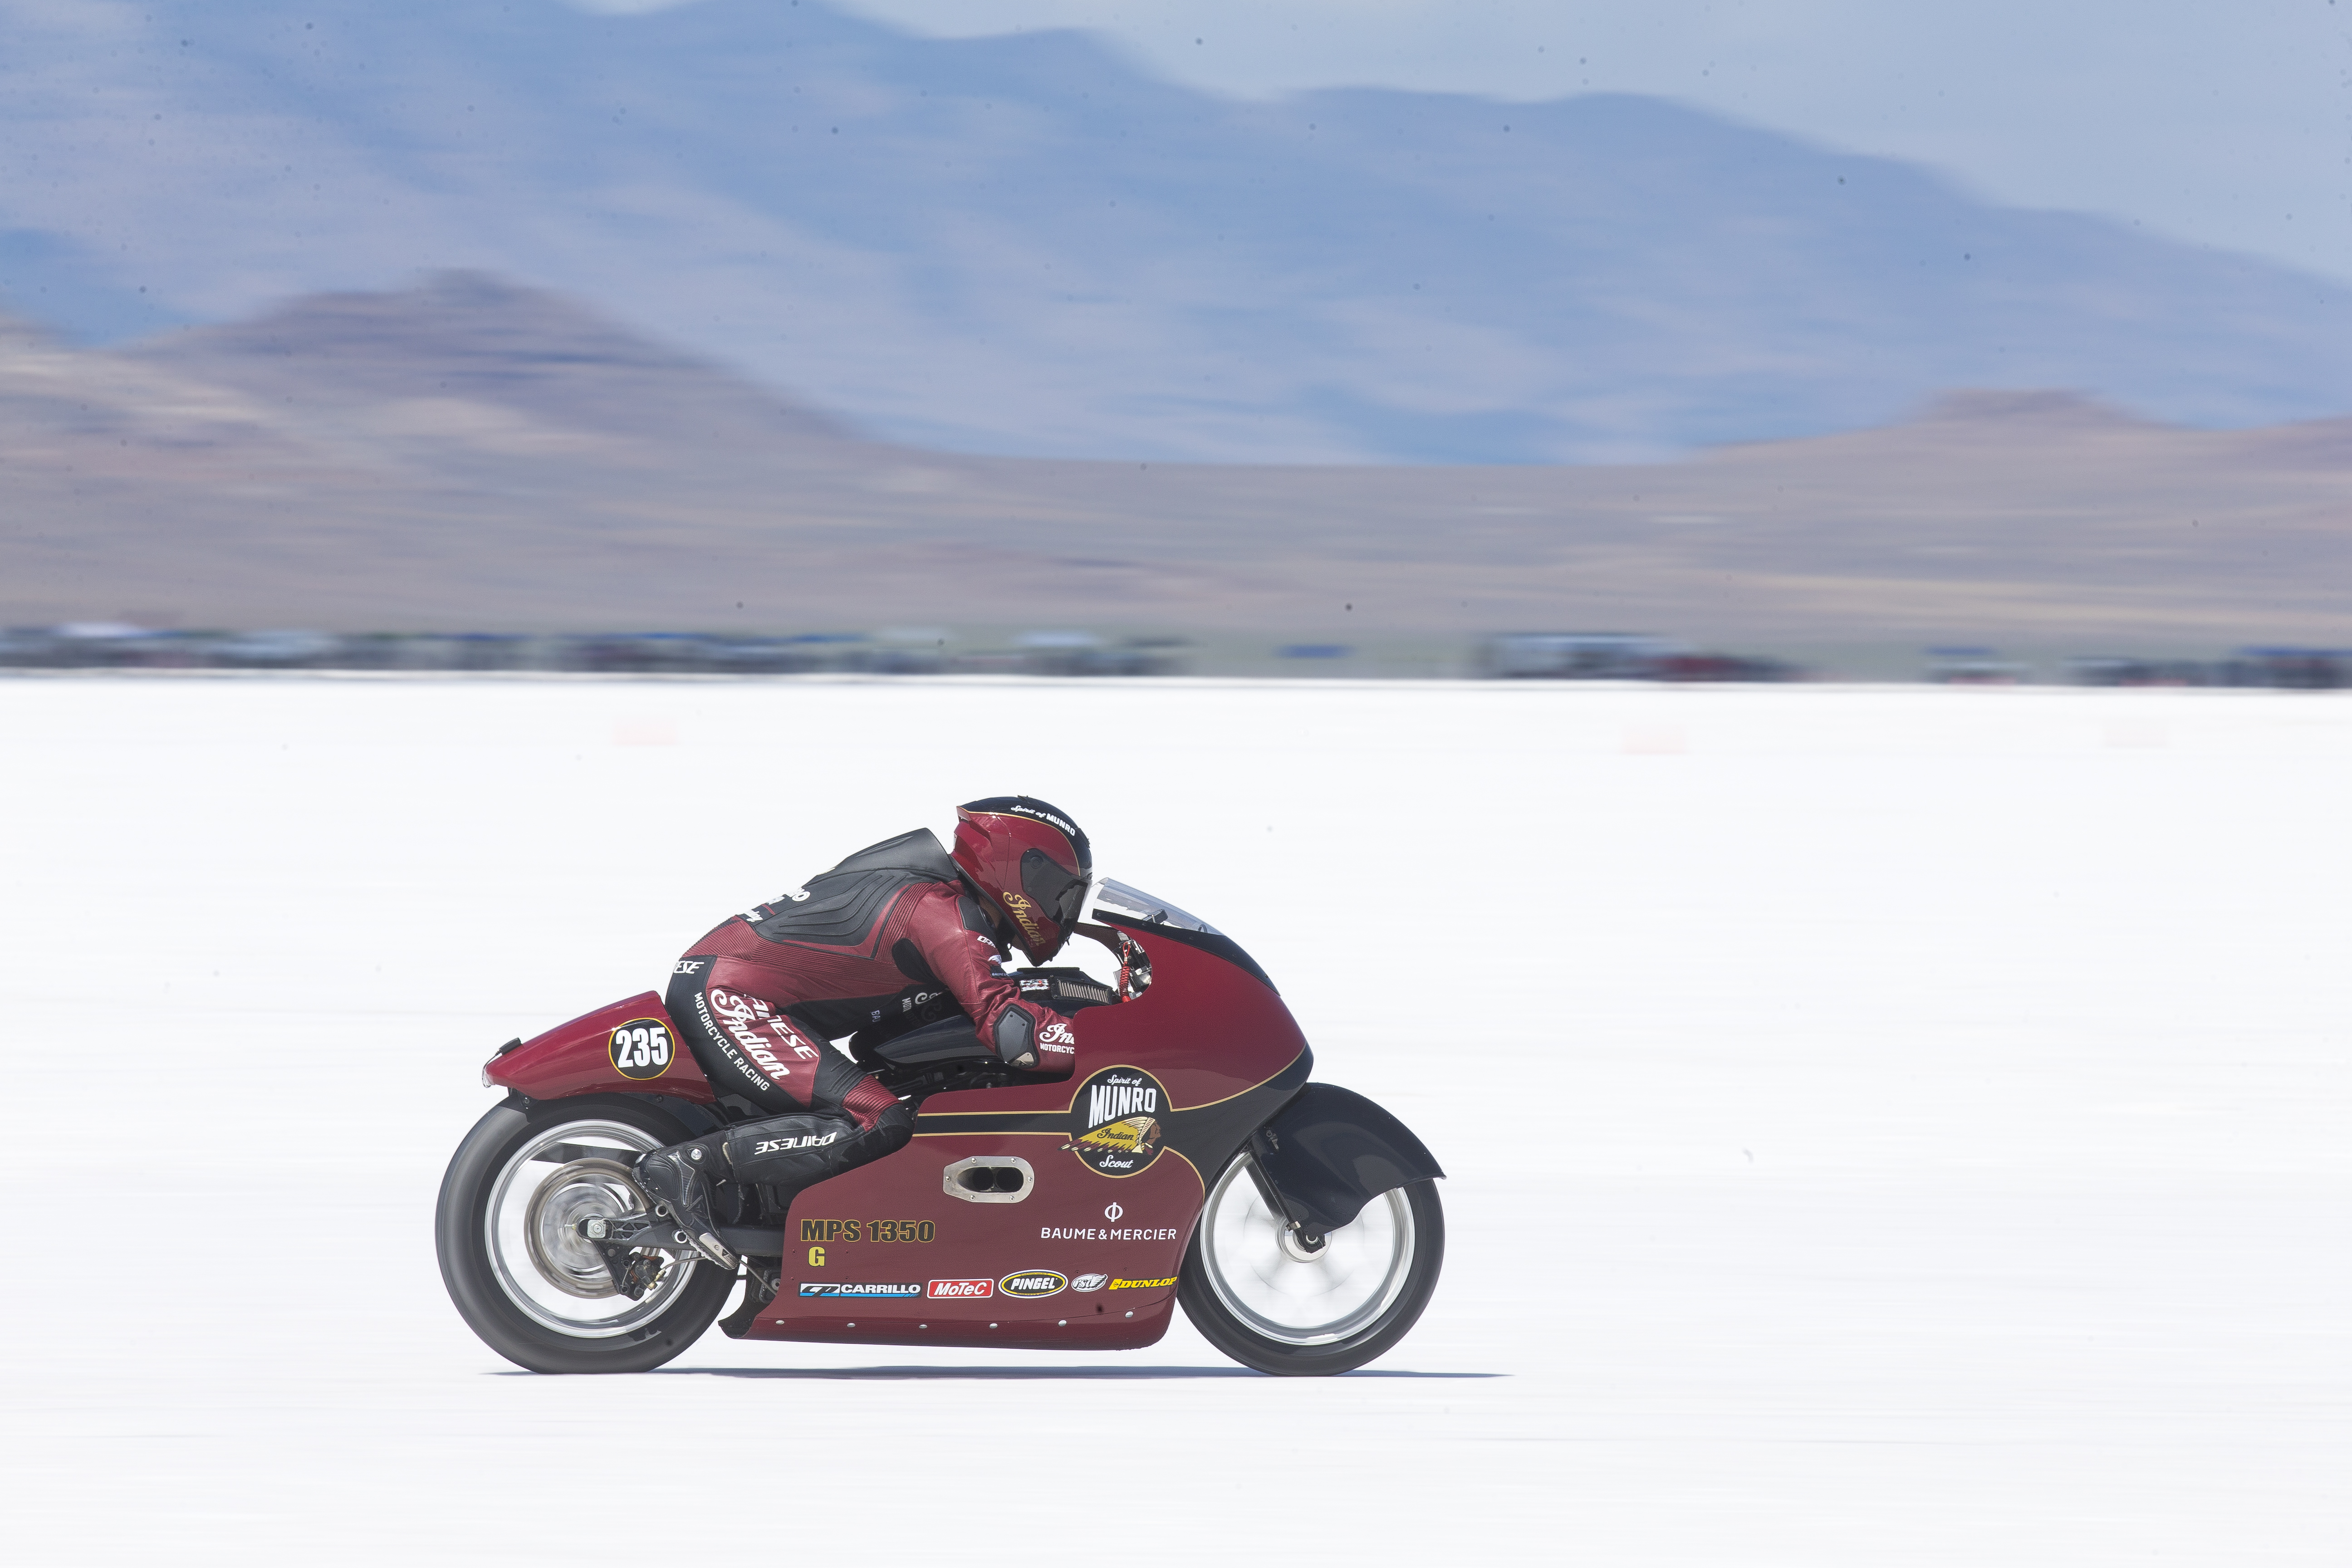 INDIAN MOTORCYCLE CELEBRATES BURT MUNRO'S LEGACY